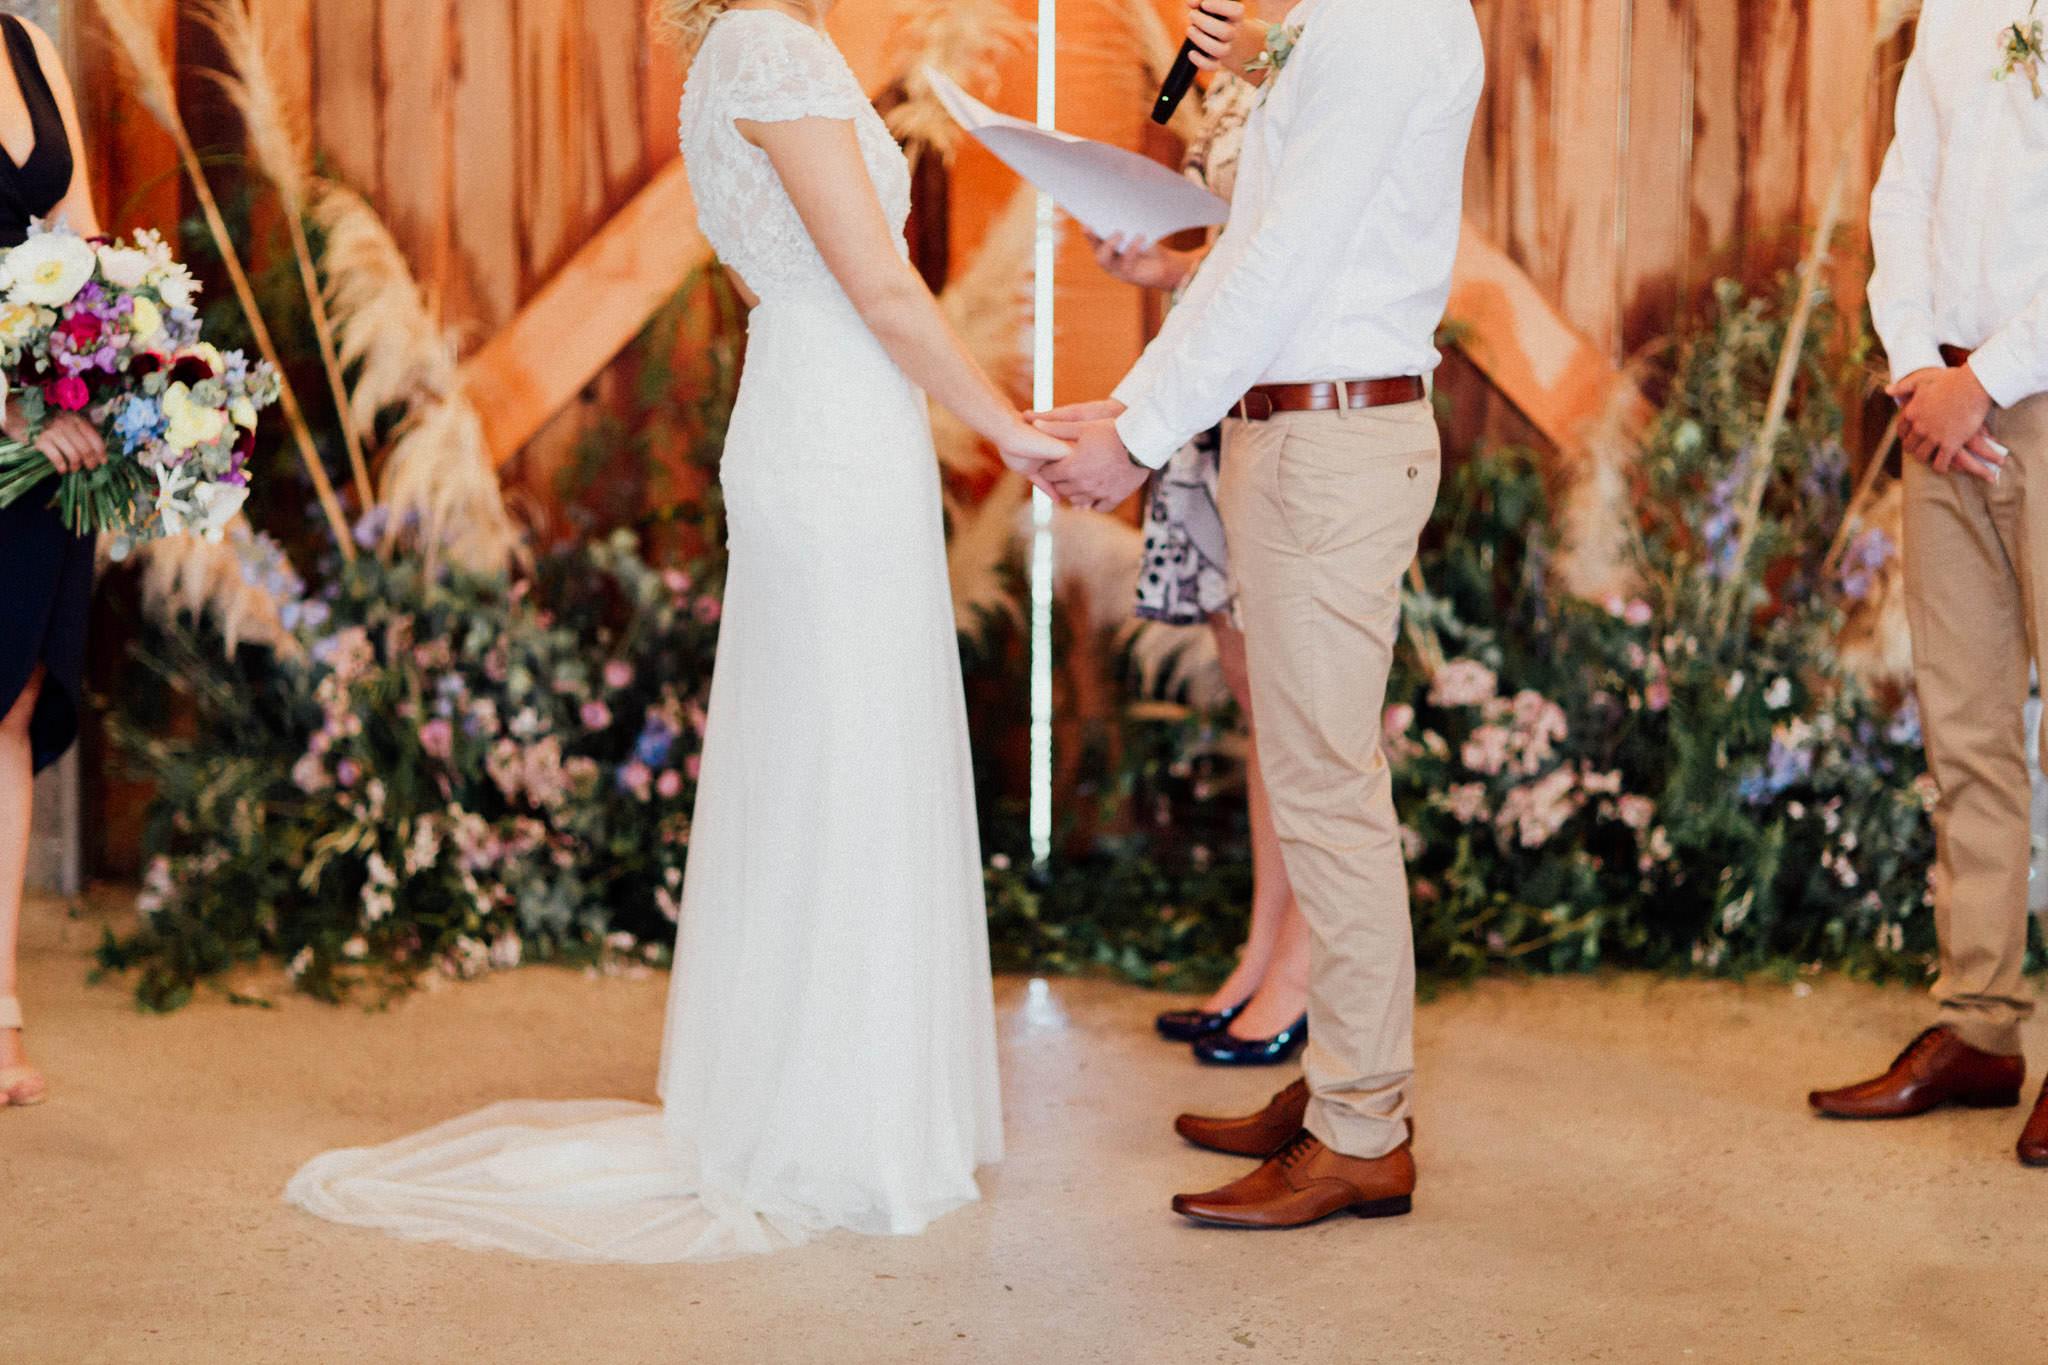 WeddingPhotos_Facebook_2048pixels-1273.jpg